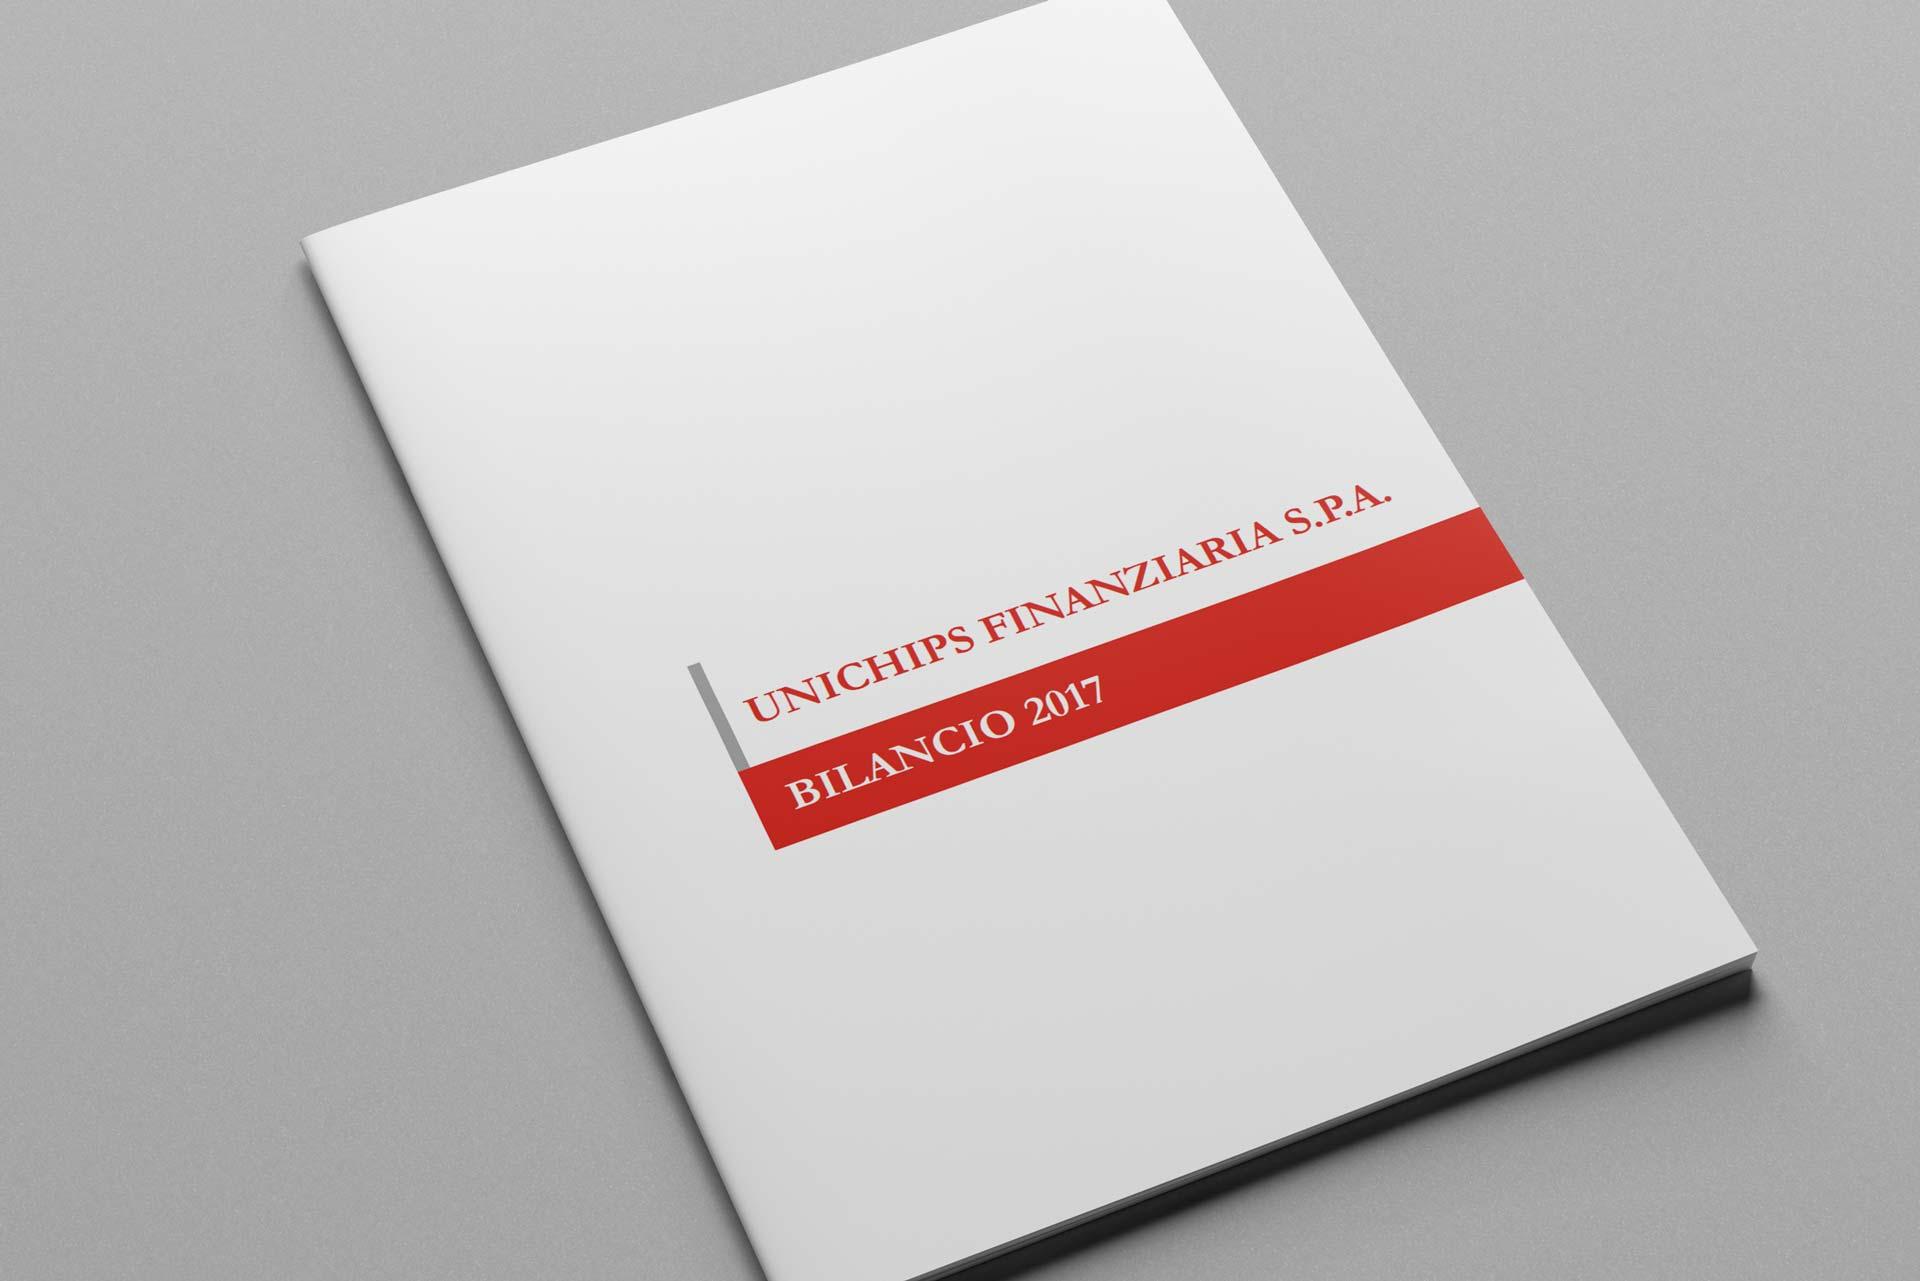 e-mage: impaginazione bilancio Unichips